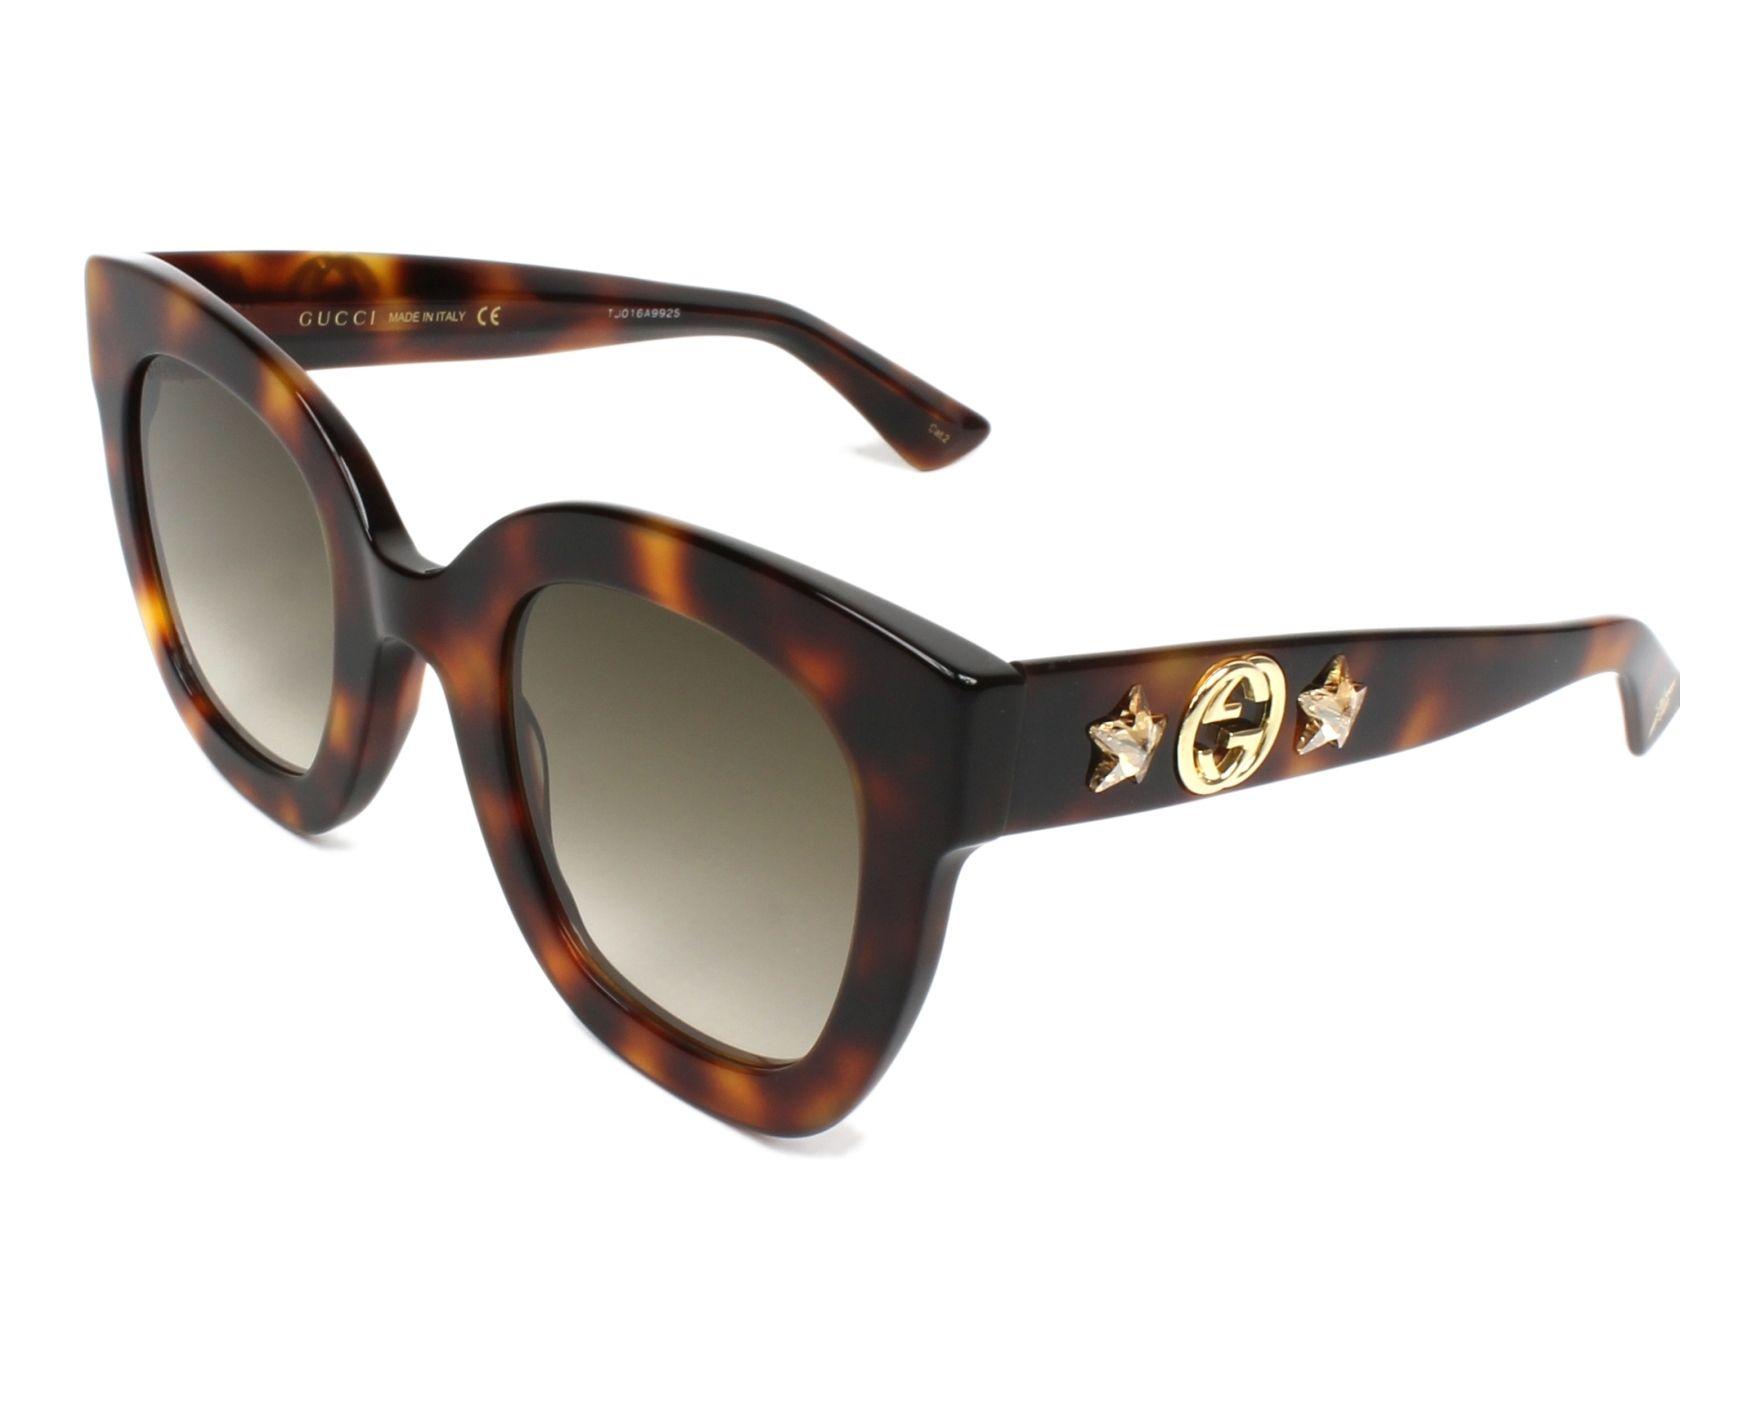 9a387d058b2 Sunglasses Gucci GG-0208-S 003 49-25 Havana profile view